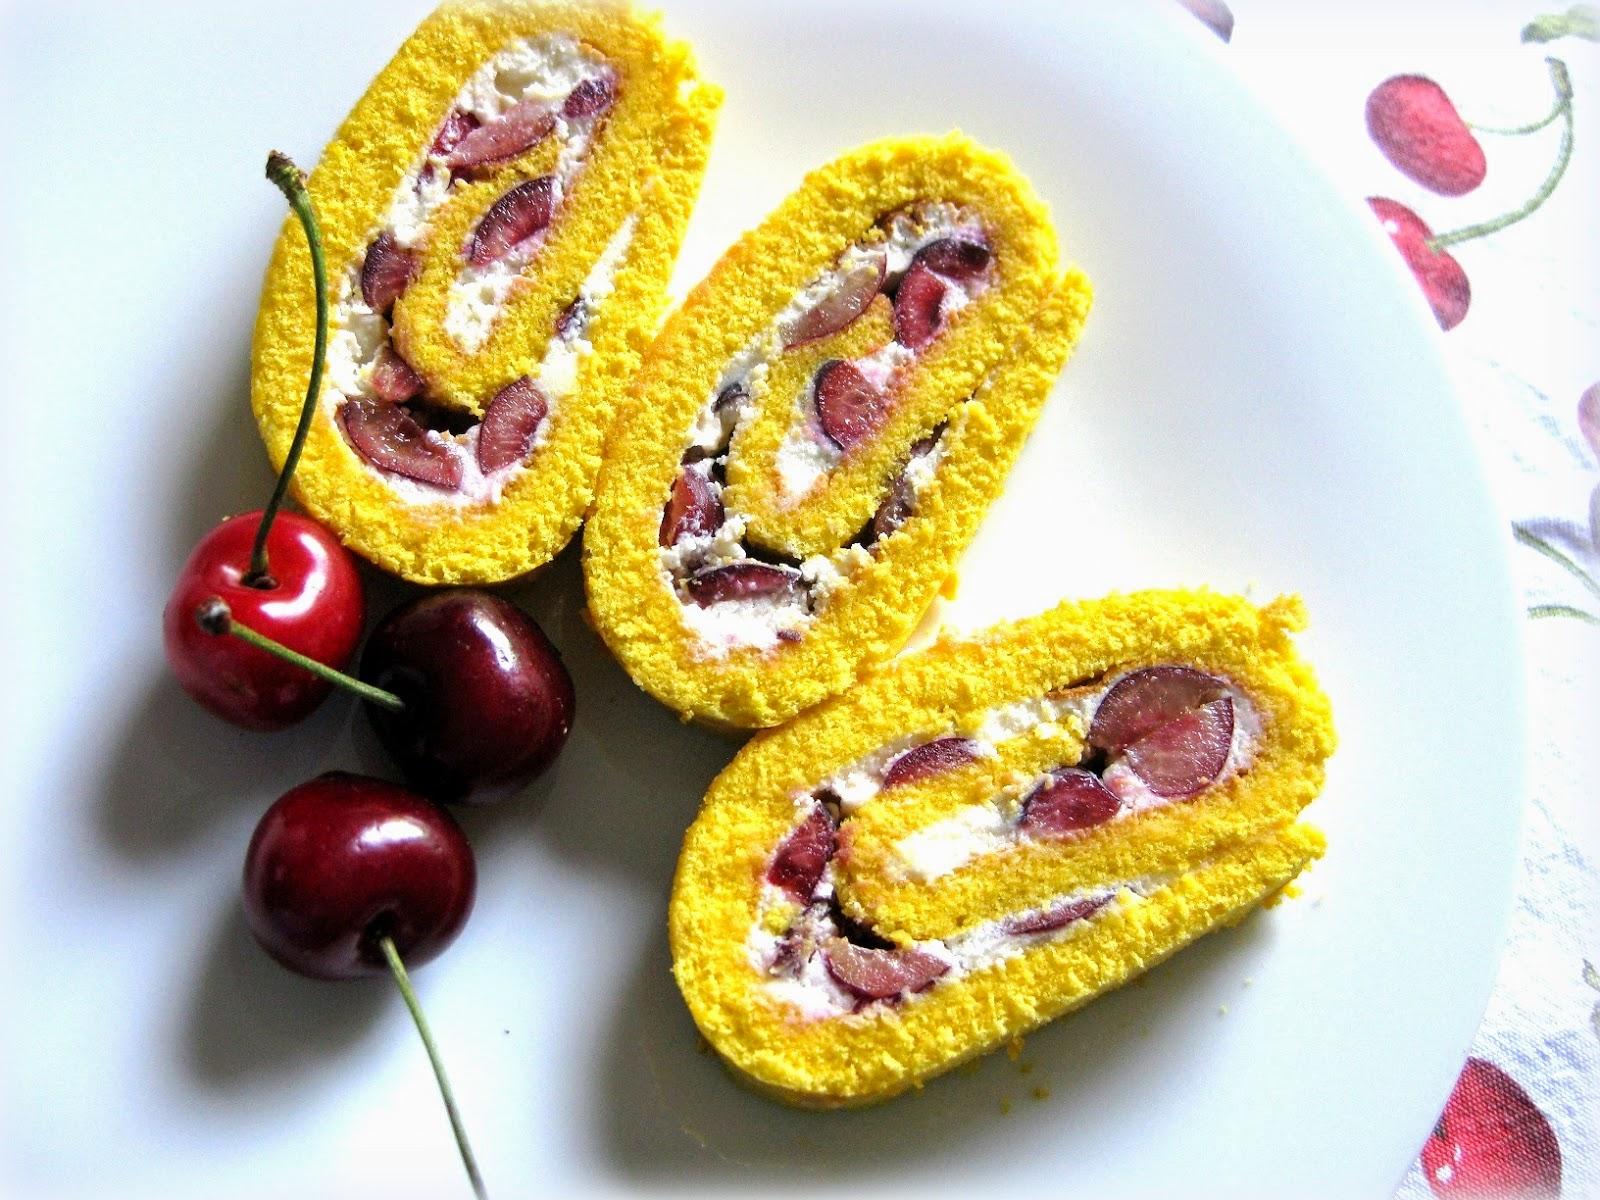 La ricetta del Rotolo farcito con Ciliege e Ricotta è molto rinfrescante. Perfetta per la stagione estiva.